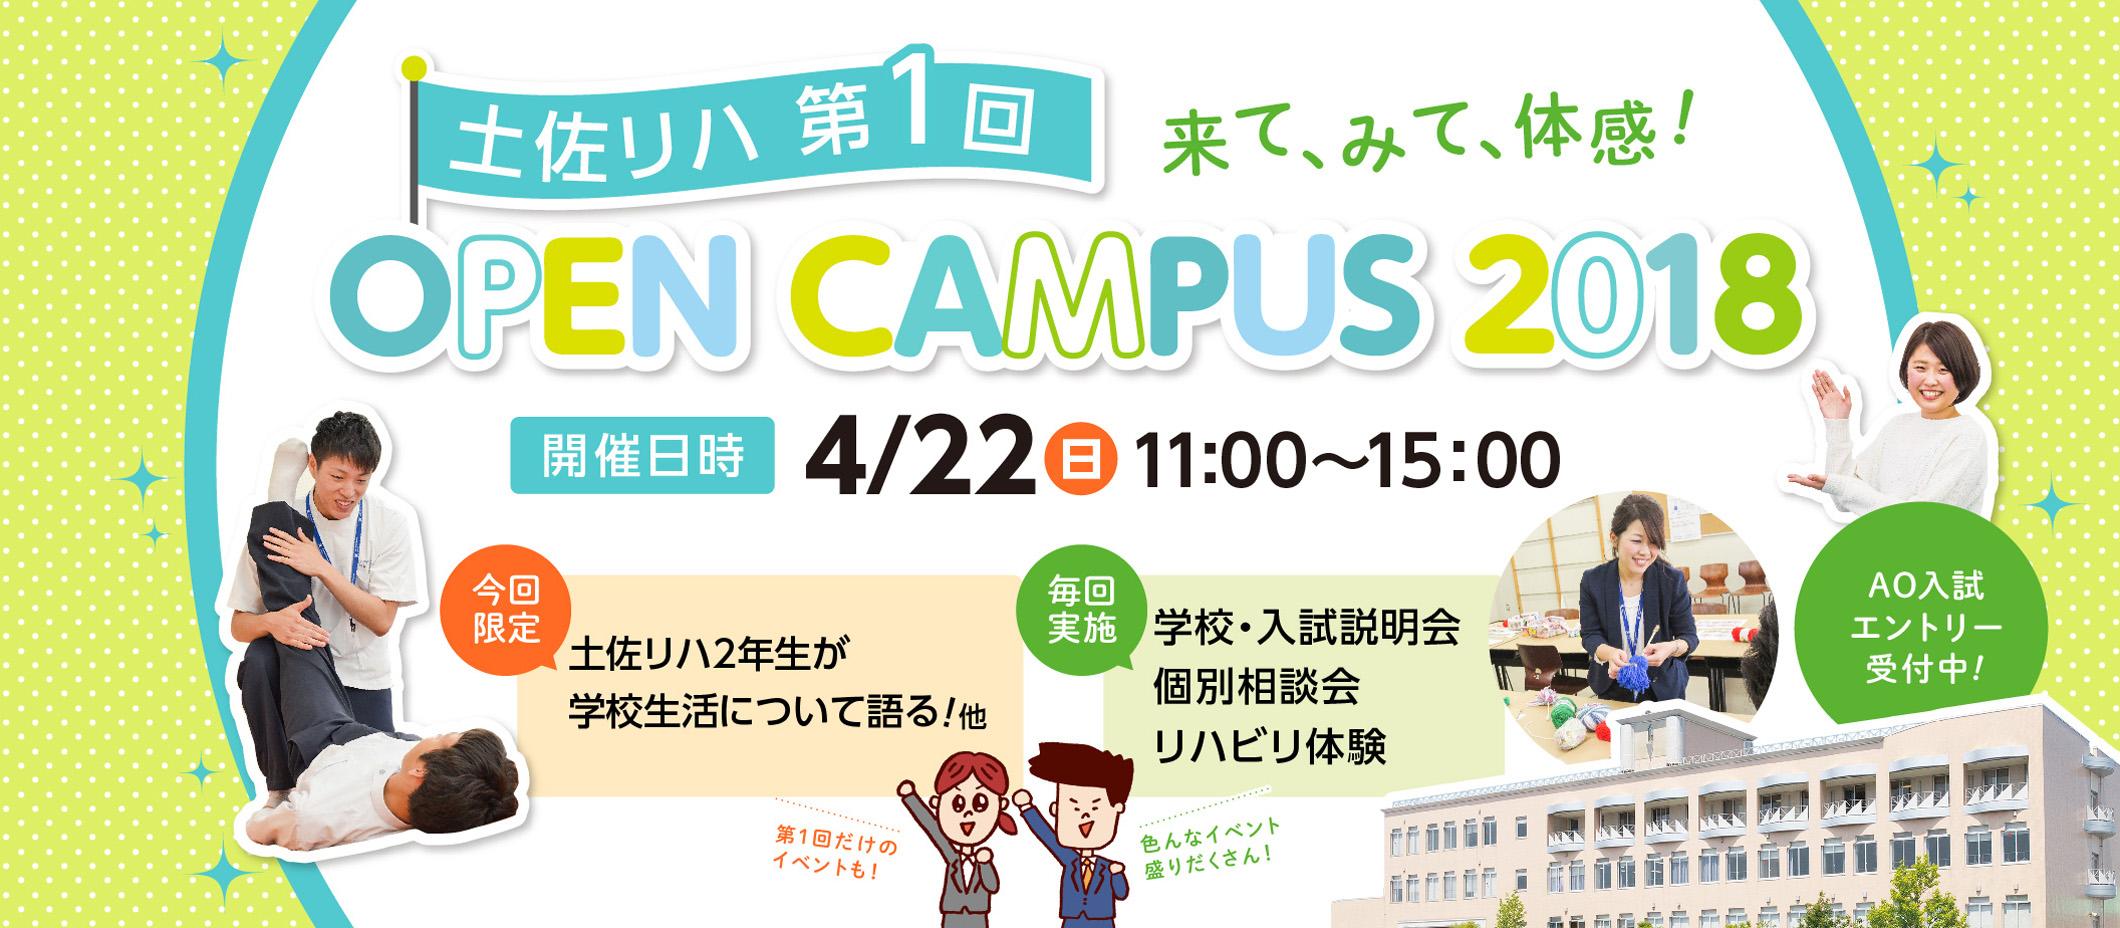 土佐リハ オープンキャンパス2018